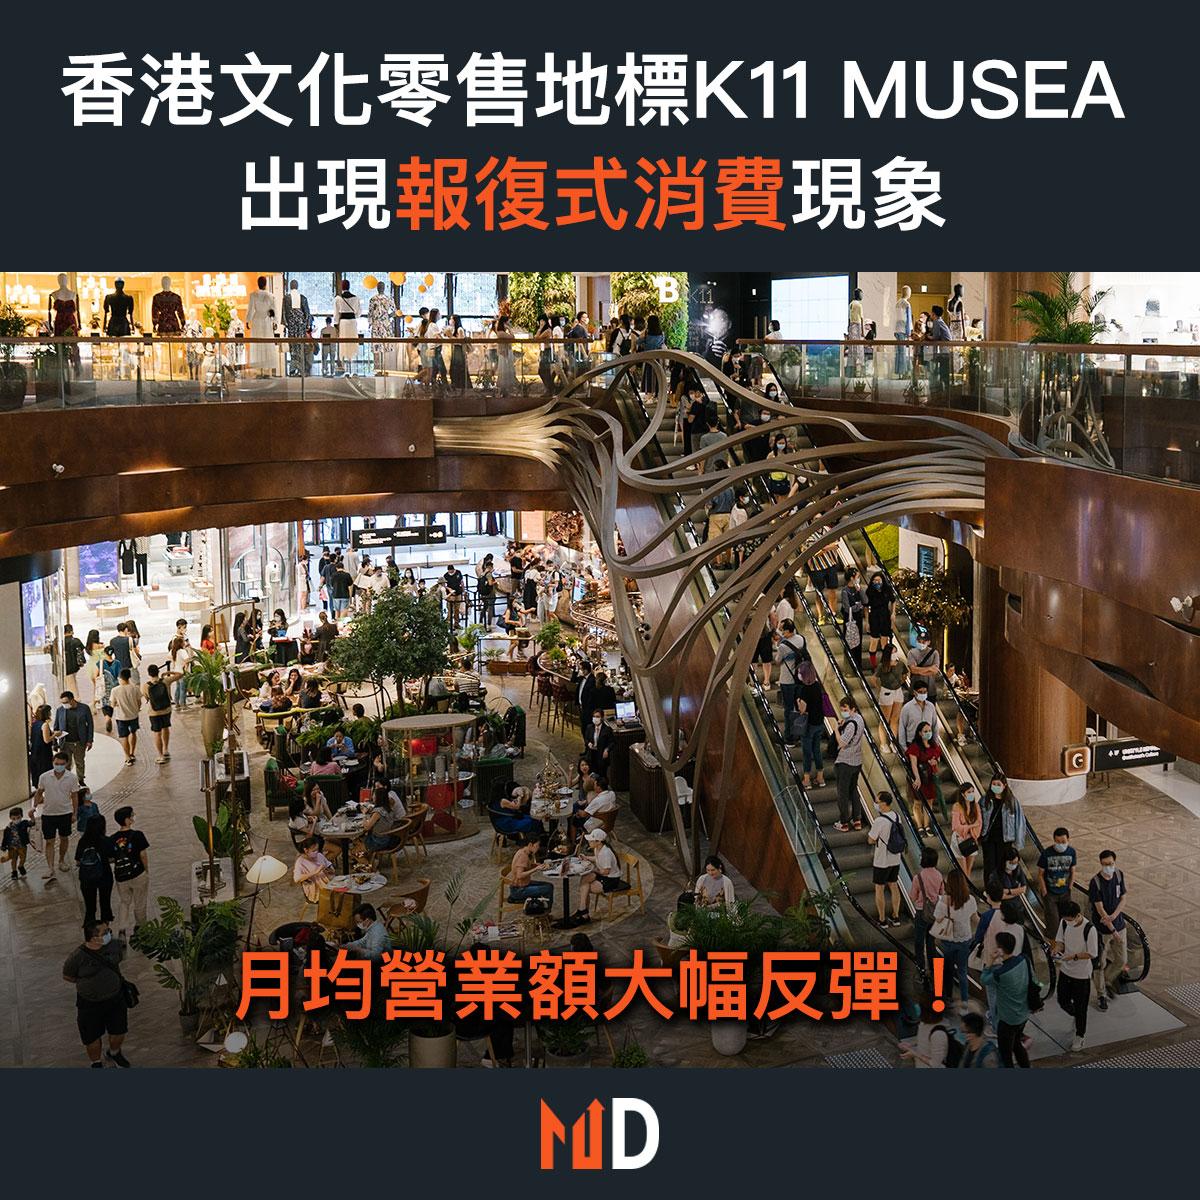 【市場熱話】香港文化零售地標 K11 MUSEA 月均營業額大幅反彈!